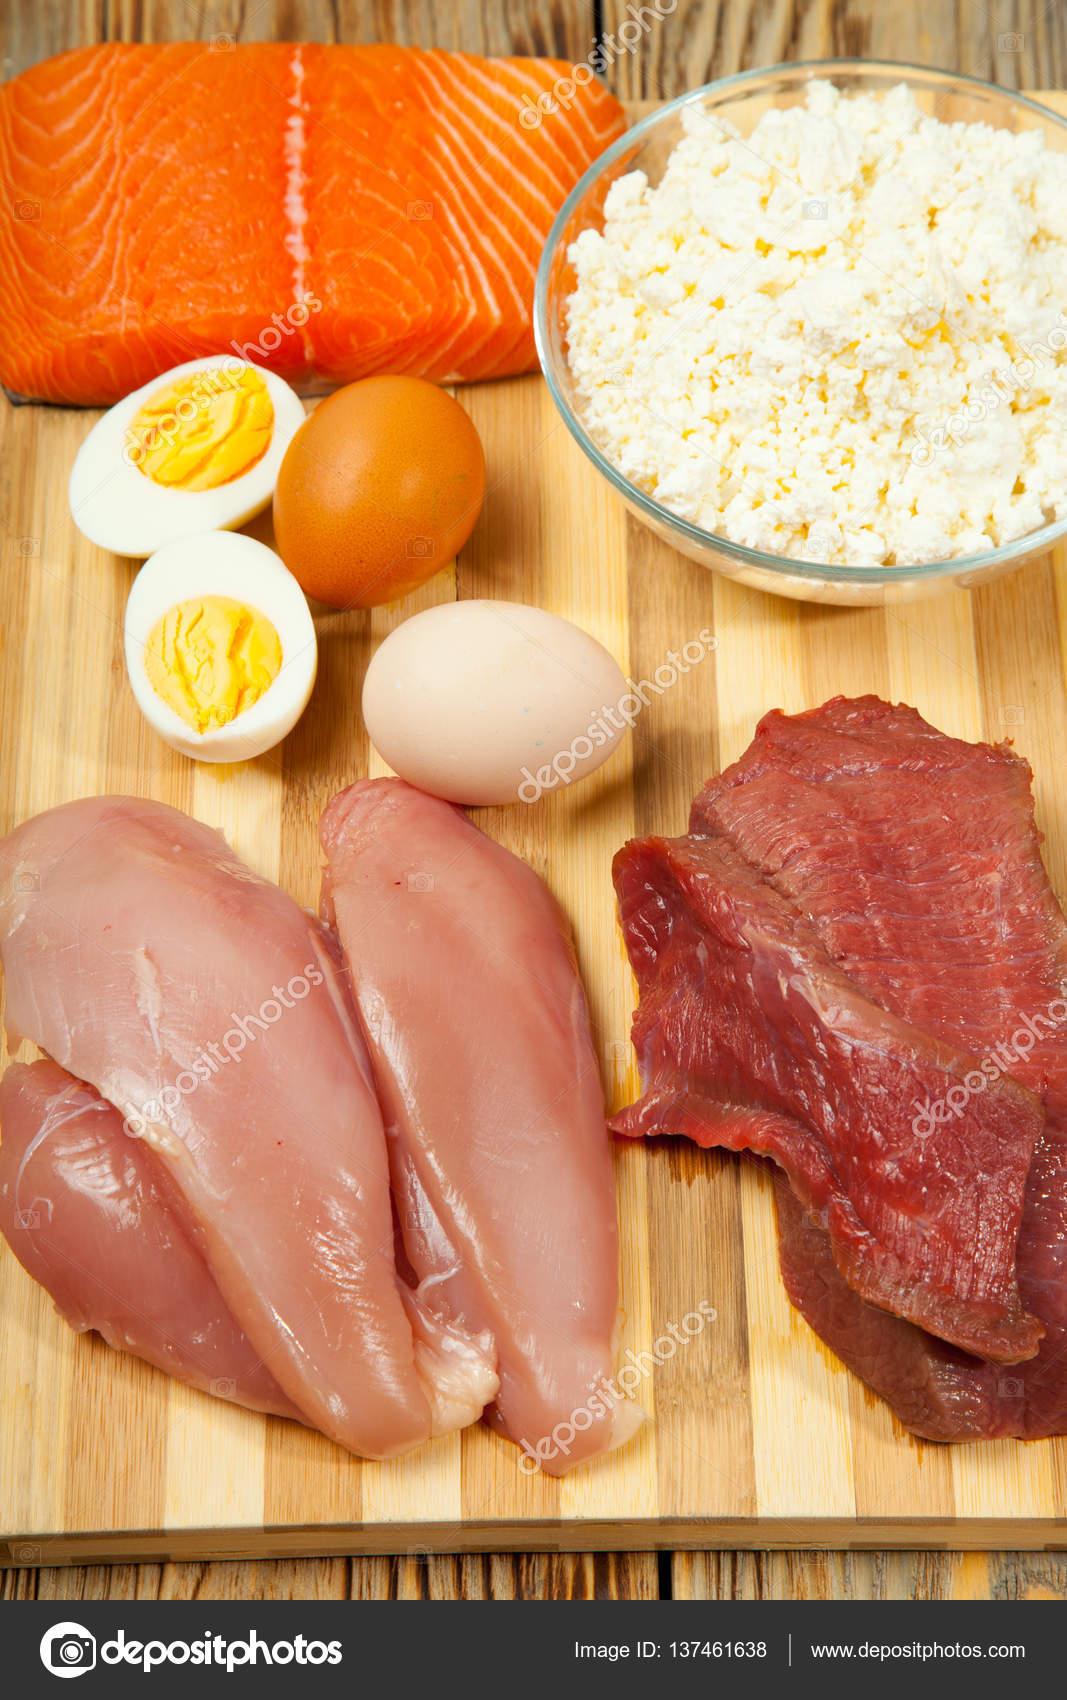 Картинки рыба курица. Белковая диета, рыба, сыр, яйца, мясо.